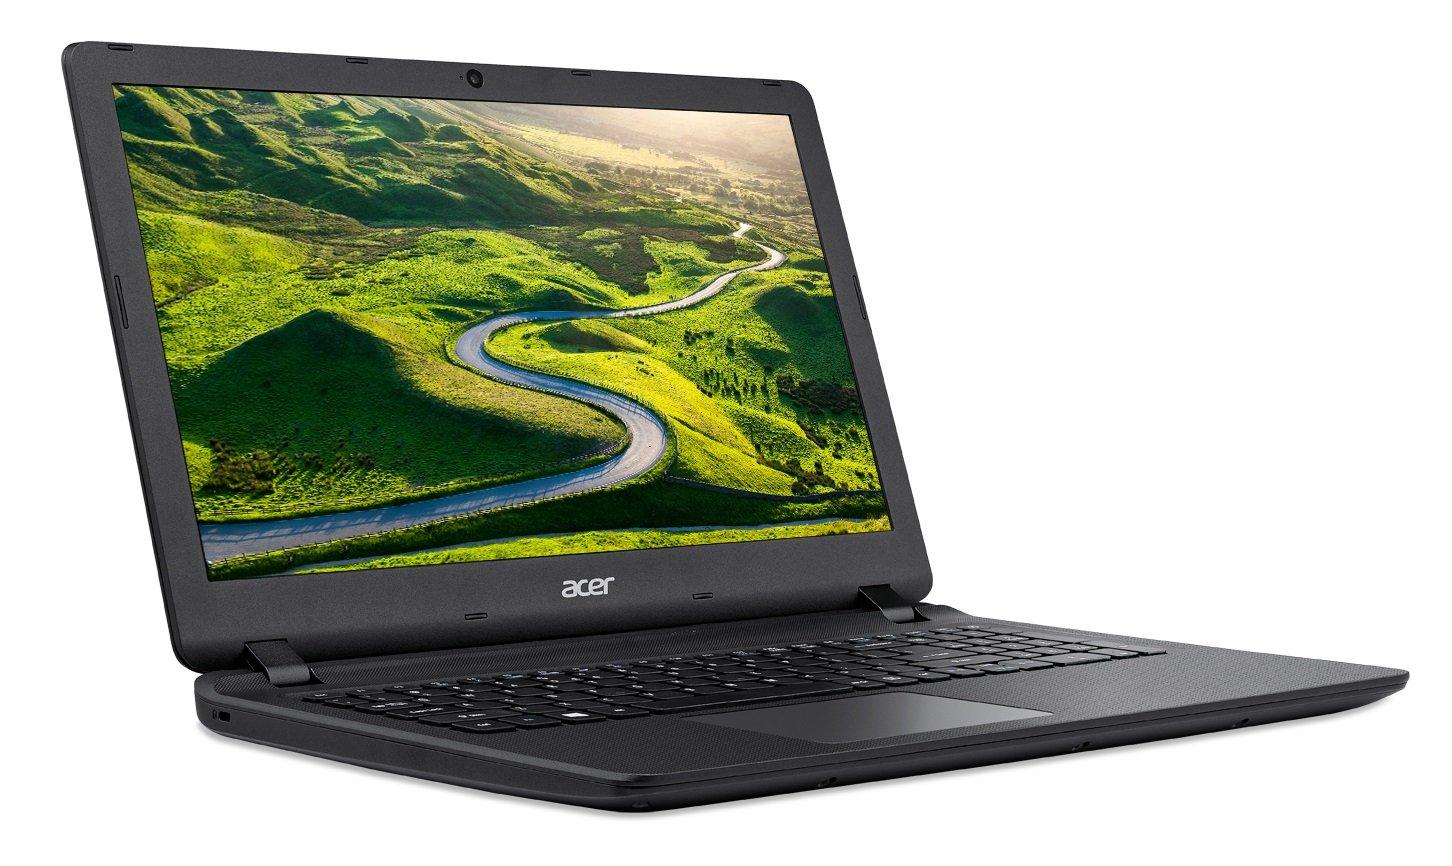 Acer Aspire E 15 (ES1 - 572 - 39yb) PC portátil 15